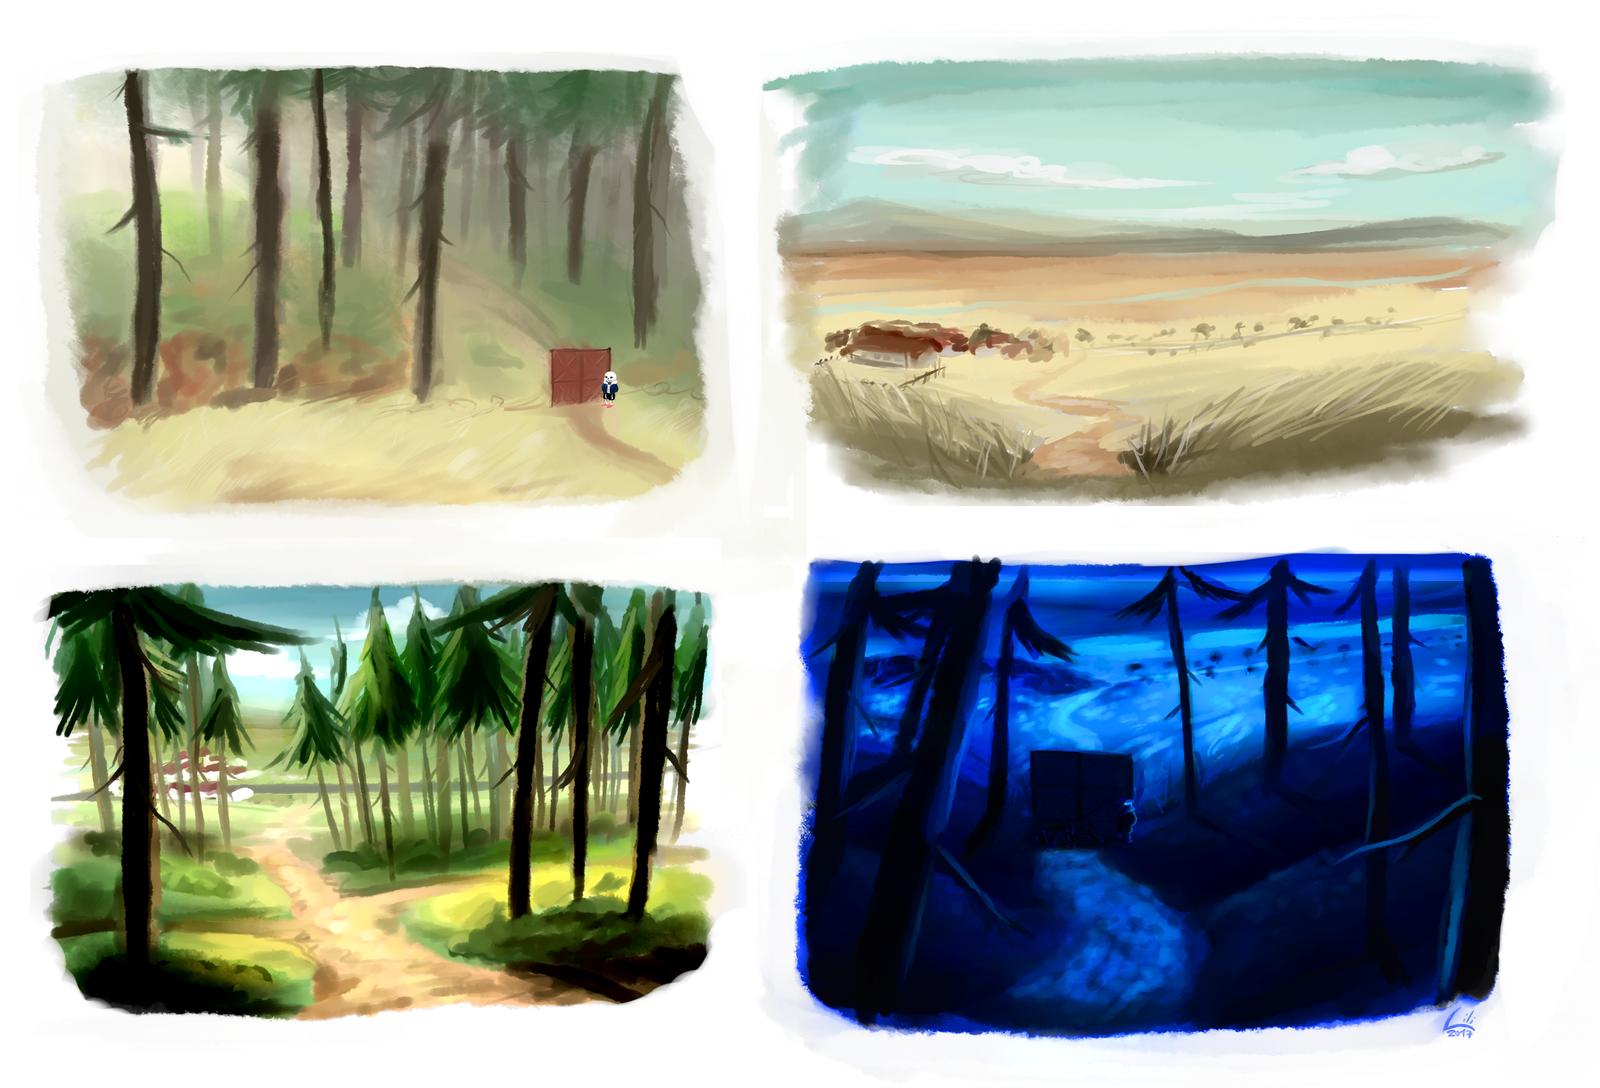 My dream scenes by Lili-Nyklova